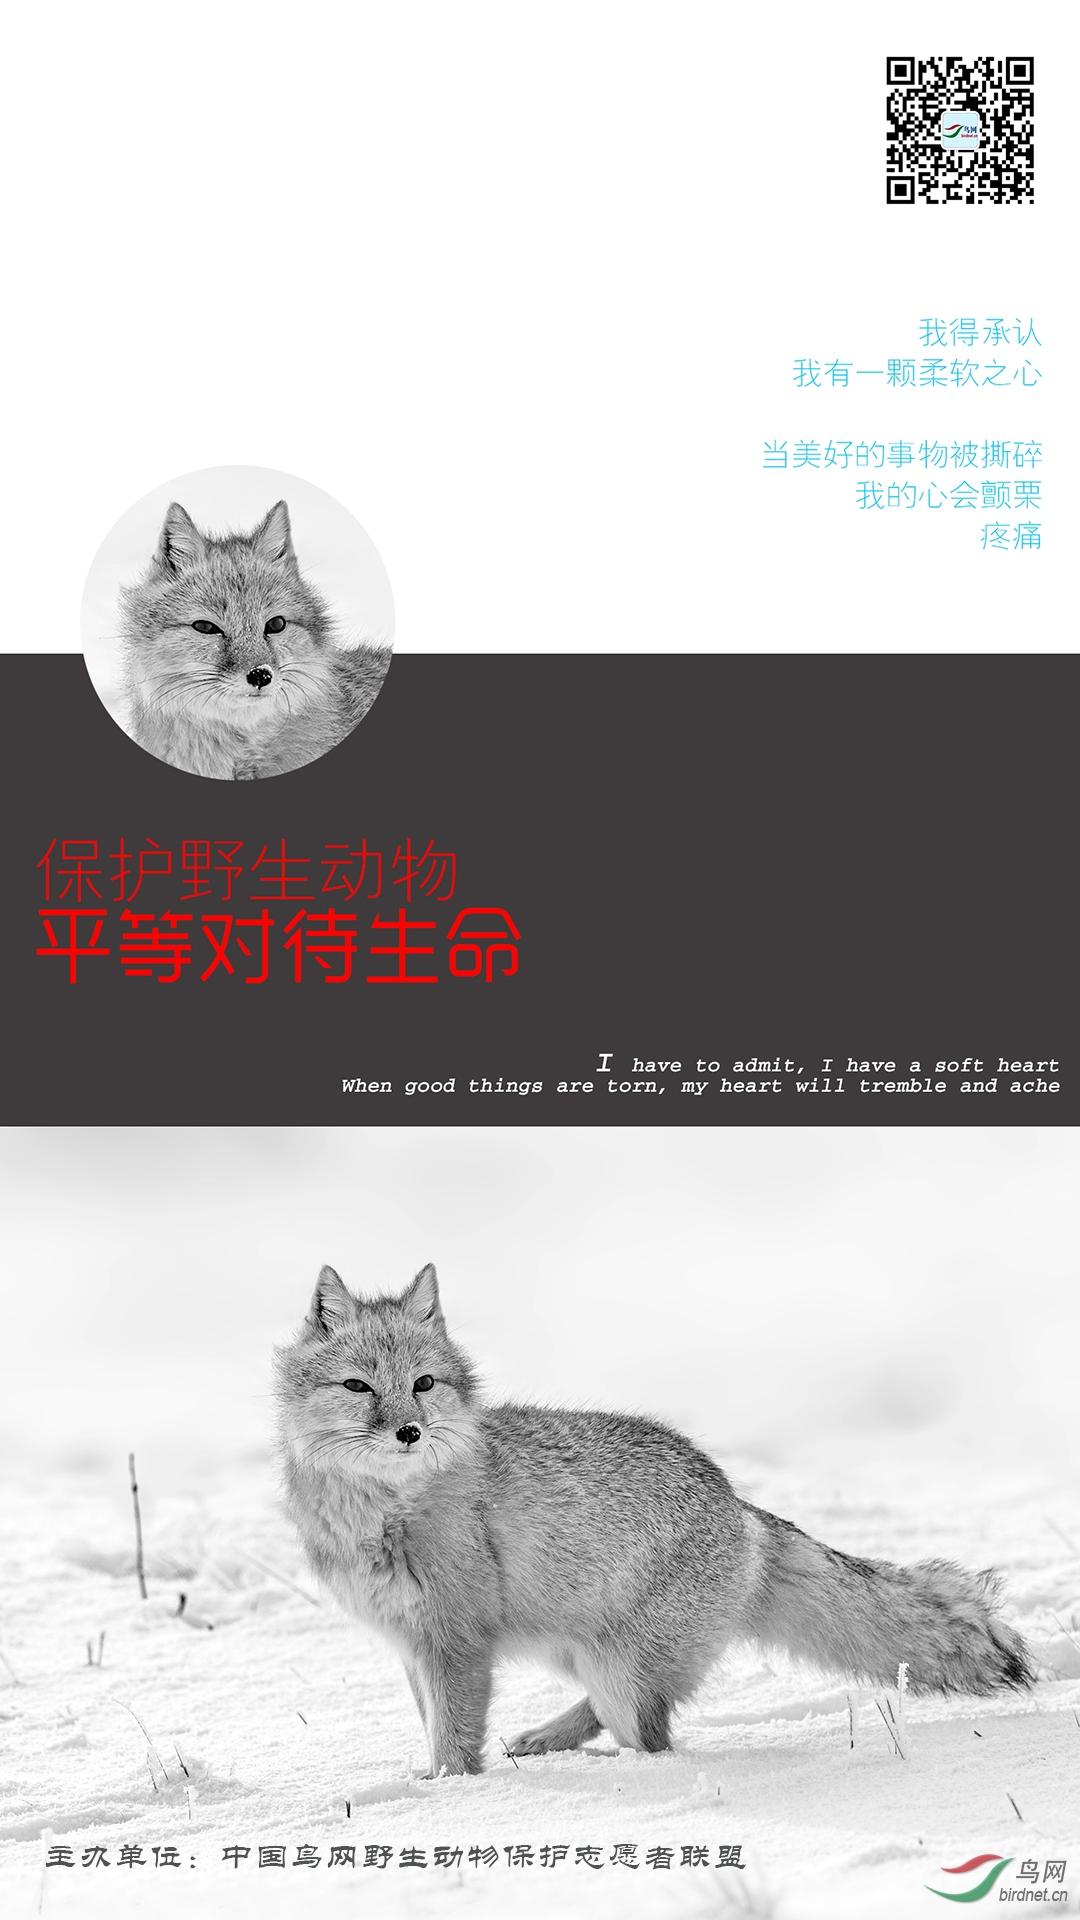 雪地沙狐(张榜).jpg